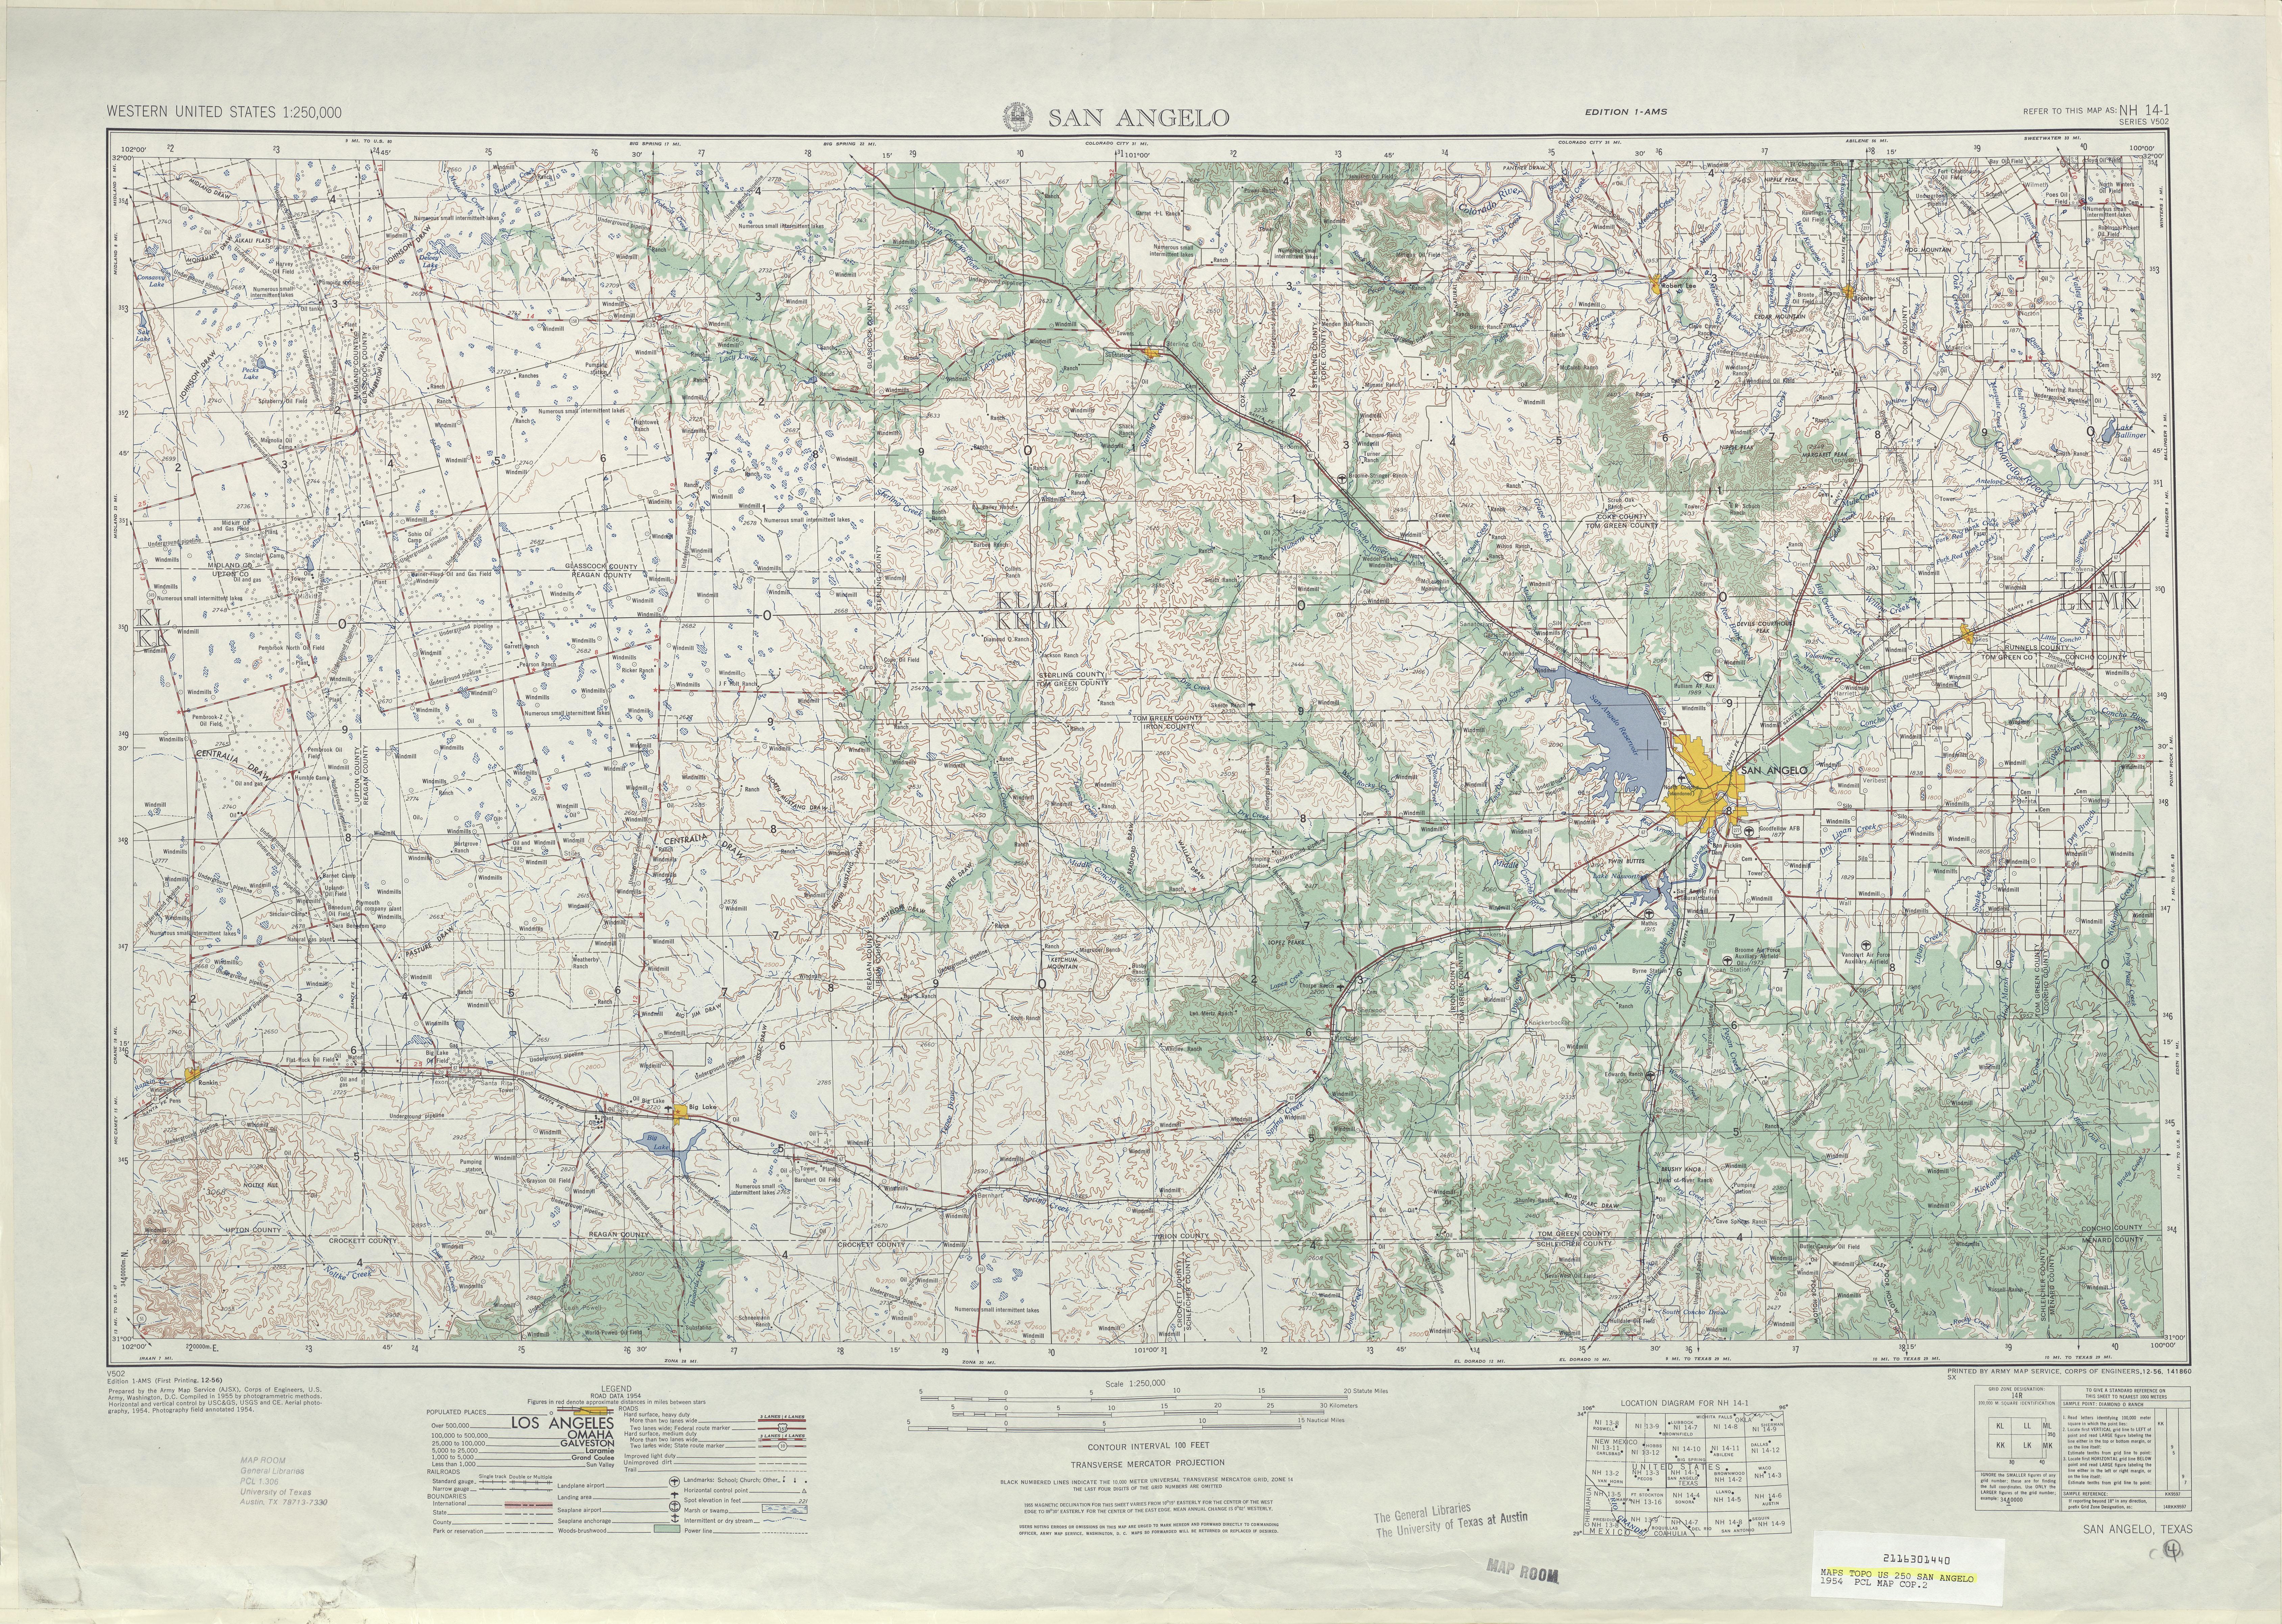 Hoja San Angelo del Mapa Topográfico de los Estados Unidos 1954